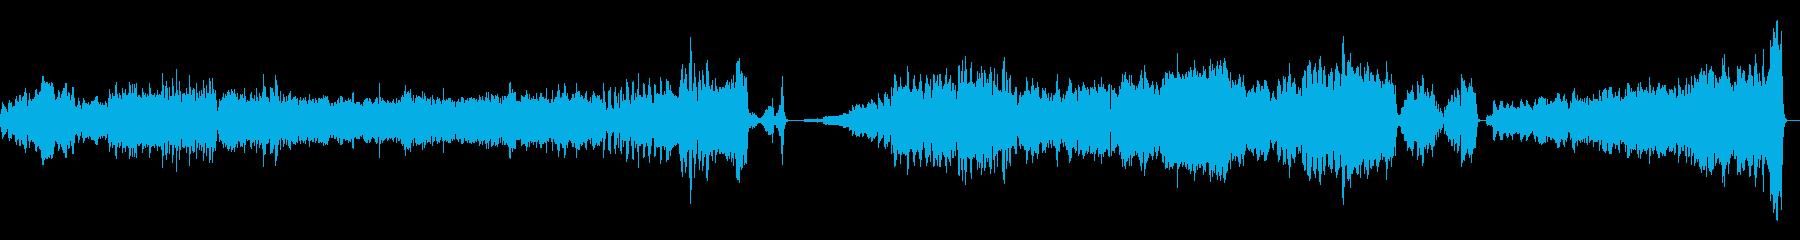 映画音楽風オーケストラ演奏曲の再生済みの波形